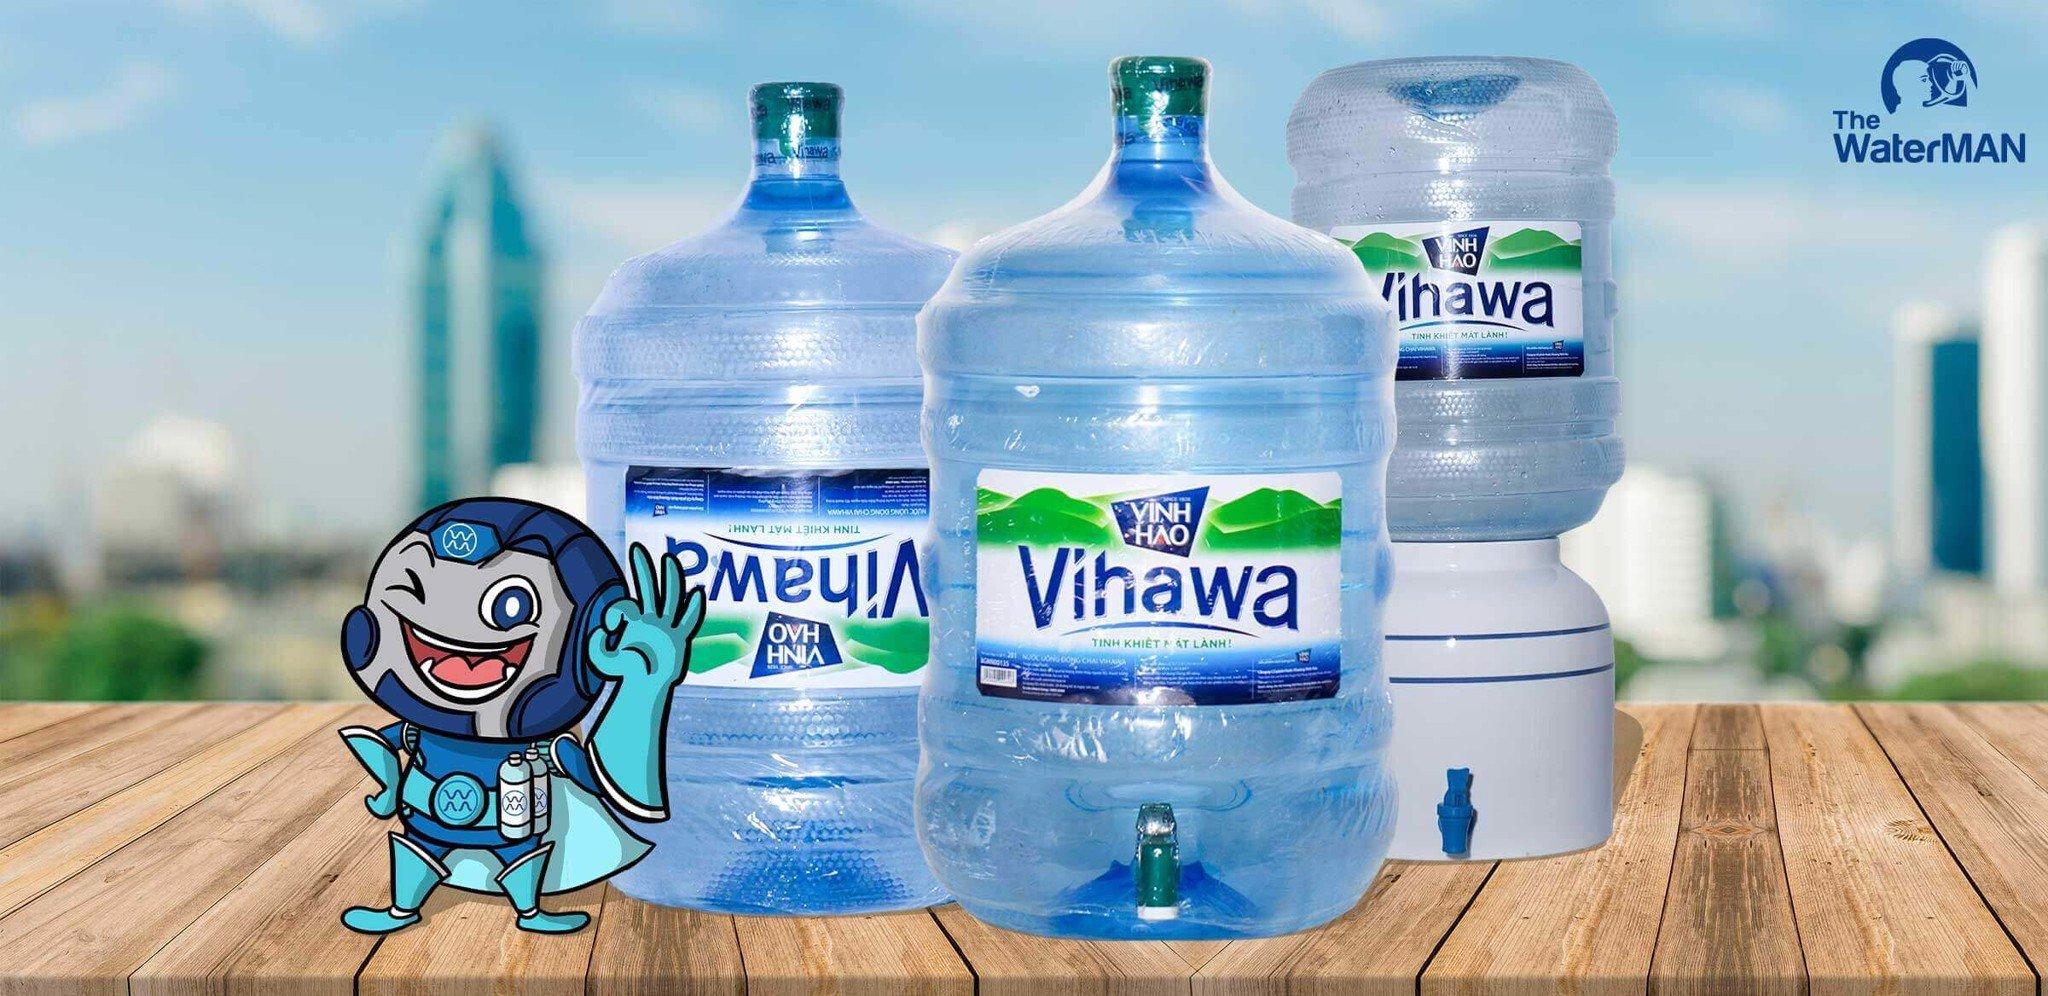 Vihawa